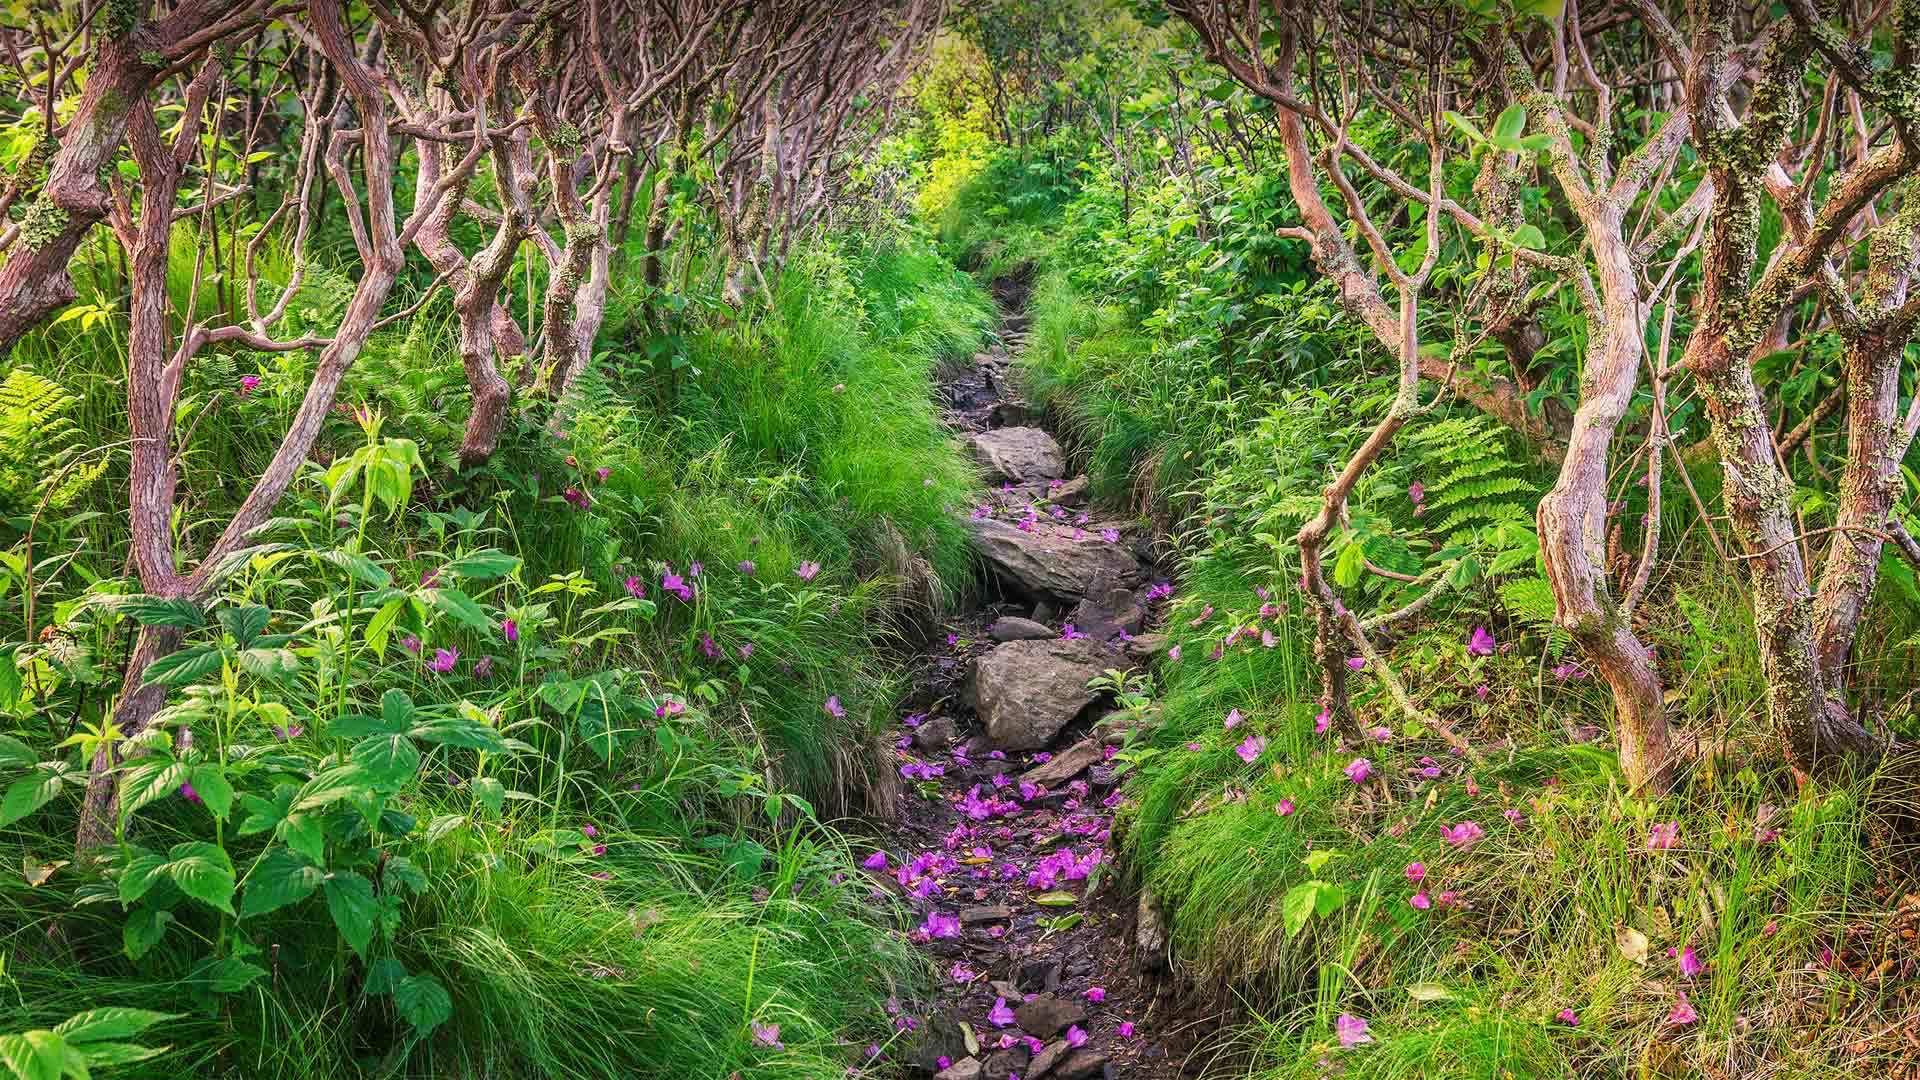 皮斯加国家森林飘落的杜鹃花瓣皮斯加国家森林